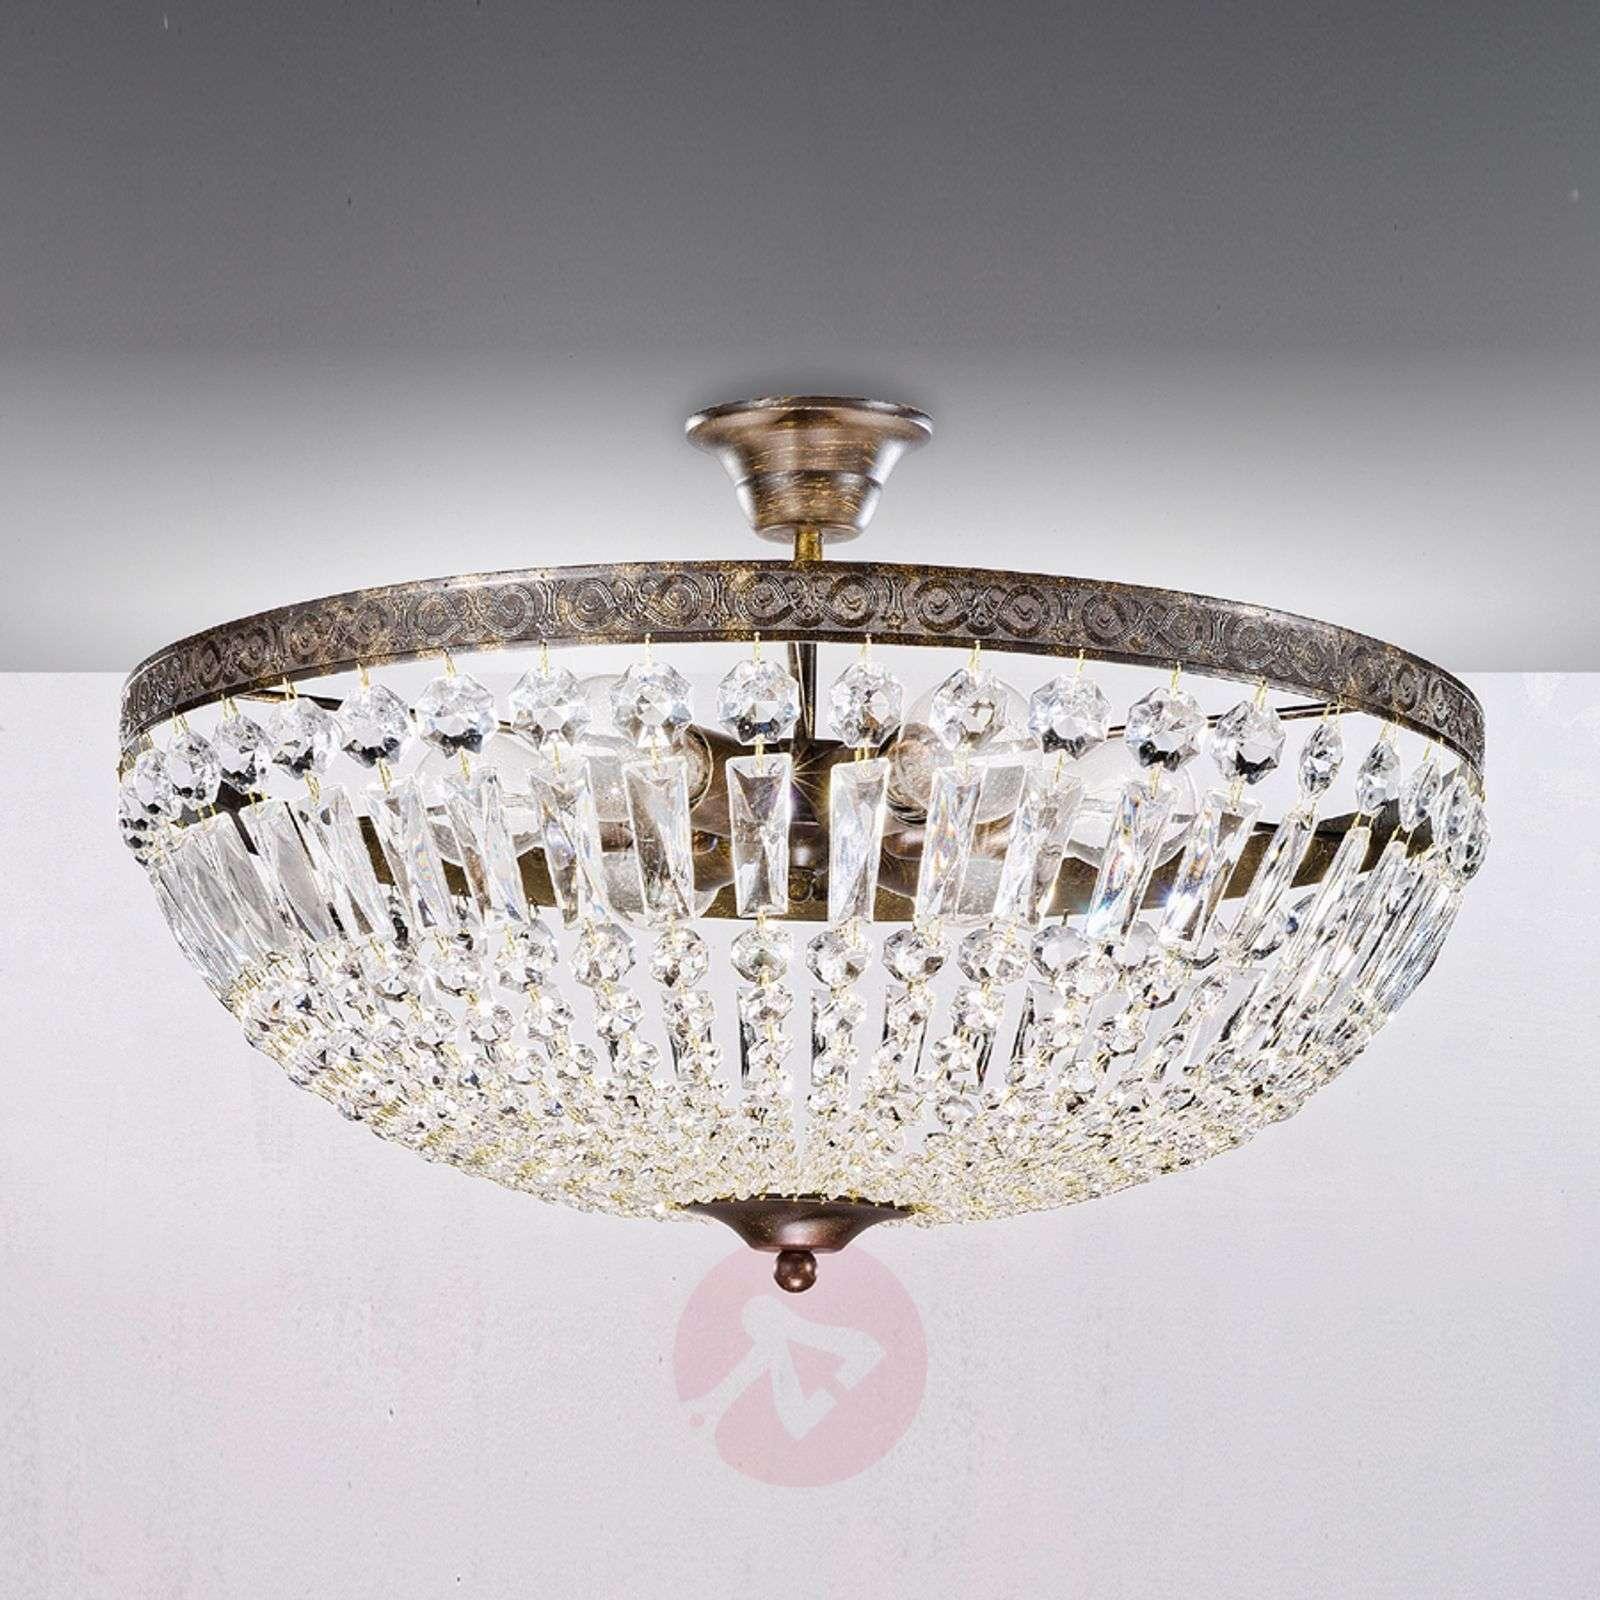 Andara ceiling light, Ø 60cm-7253750-01